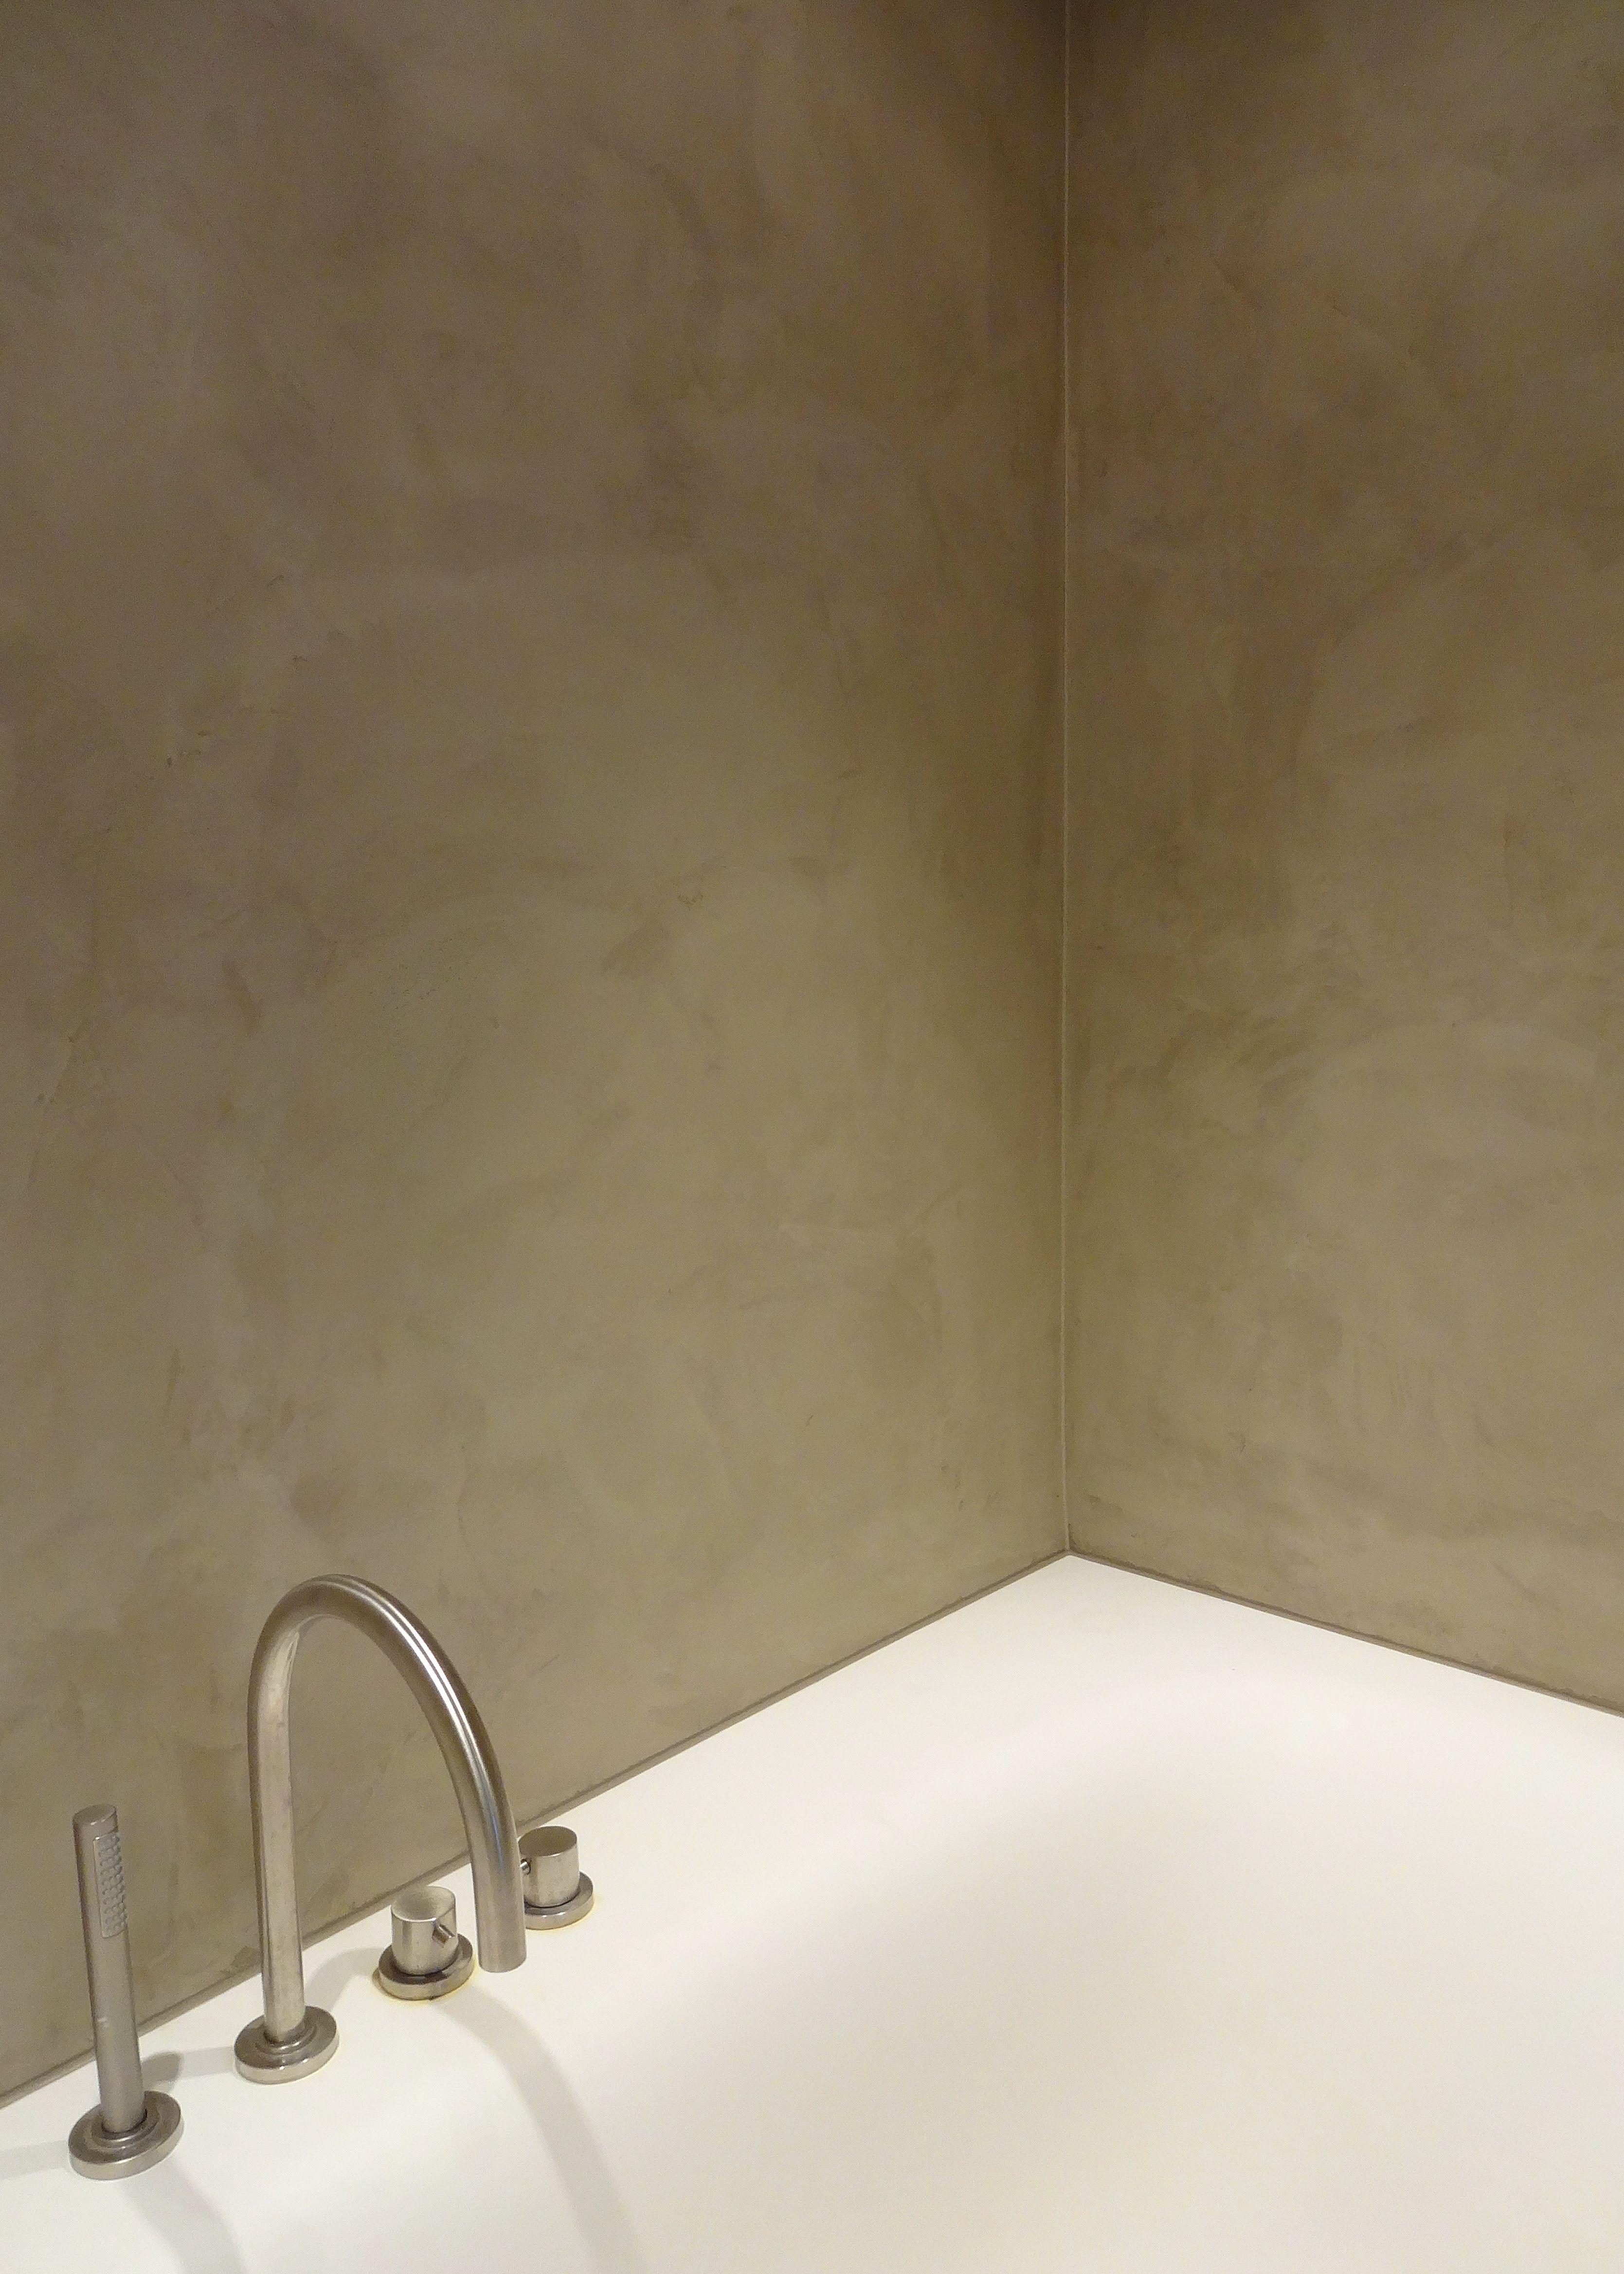 Luxury Bathroom. Waterproof Stucco. Stucco Wall. Belgian Tadelakt